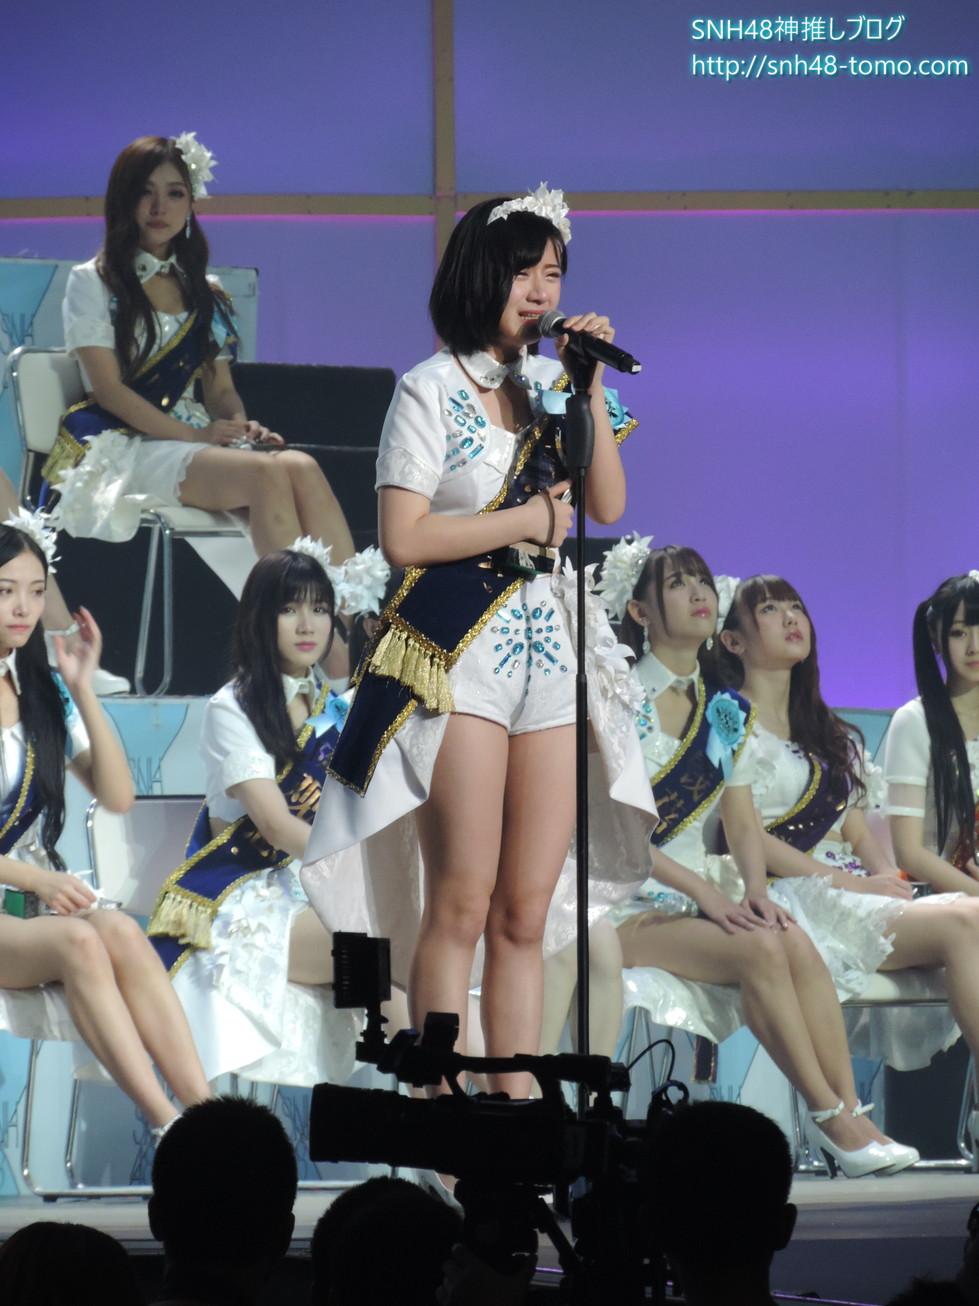 【SNH48選抜総選挙レポート】ファンの激励『死中求活』試練の7位 李宇琪(リー・ユーチー)